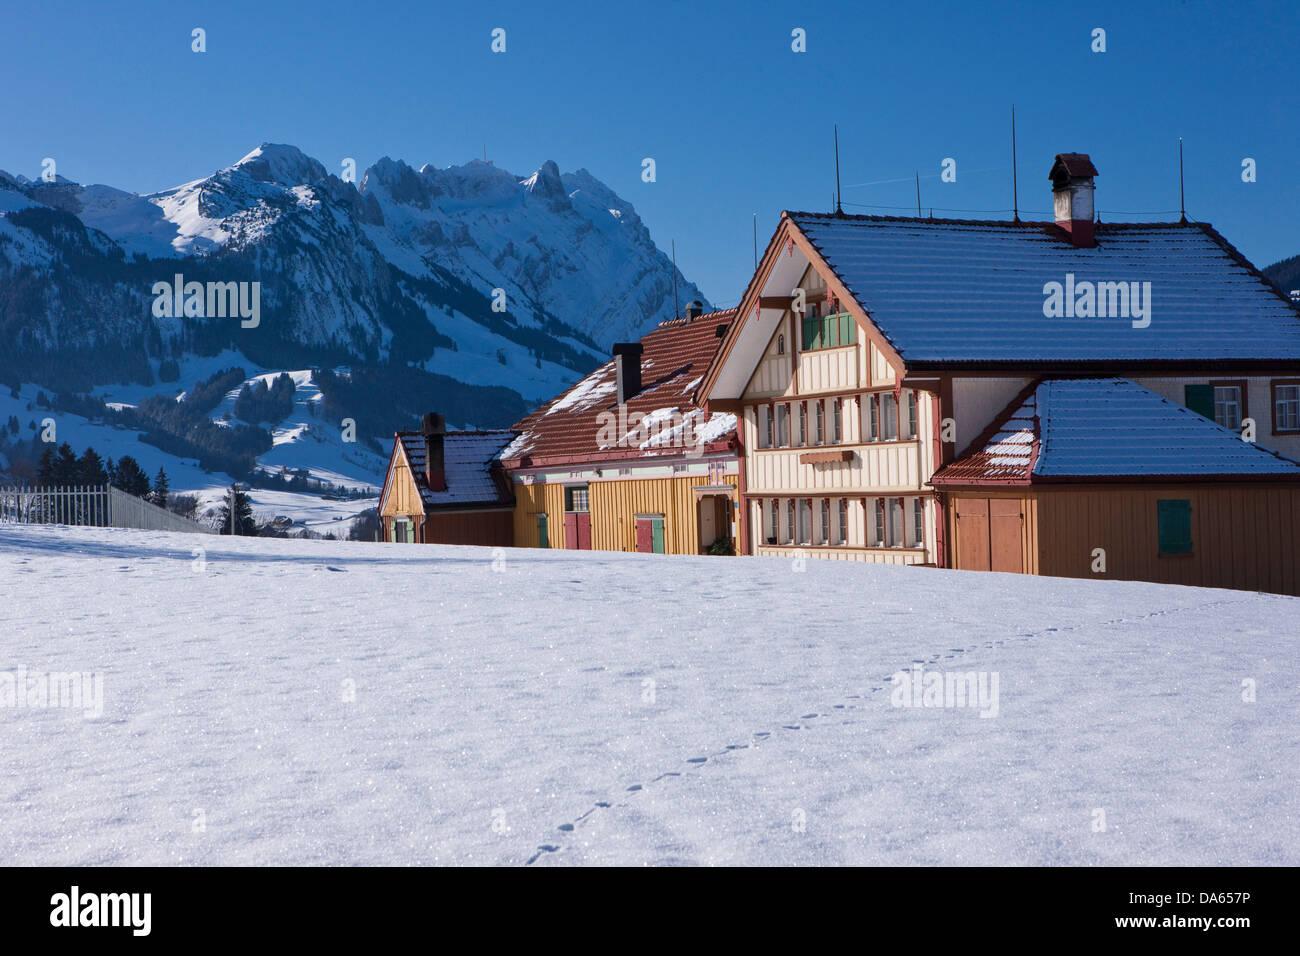 Bauernhof, Säntis, Winter, Berg, Berge, Landwirtschaft, Kanton Appenzell, Innerroden, Bereich Appenzell, Alpstein, Stockbild